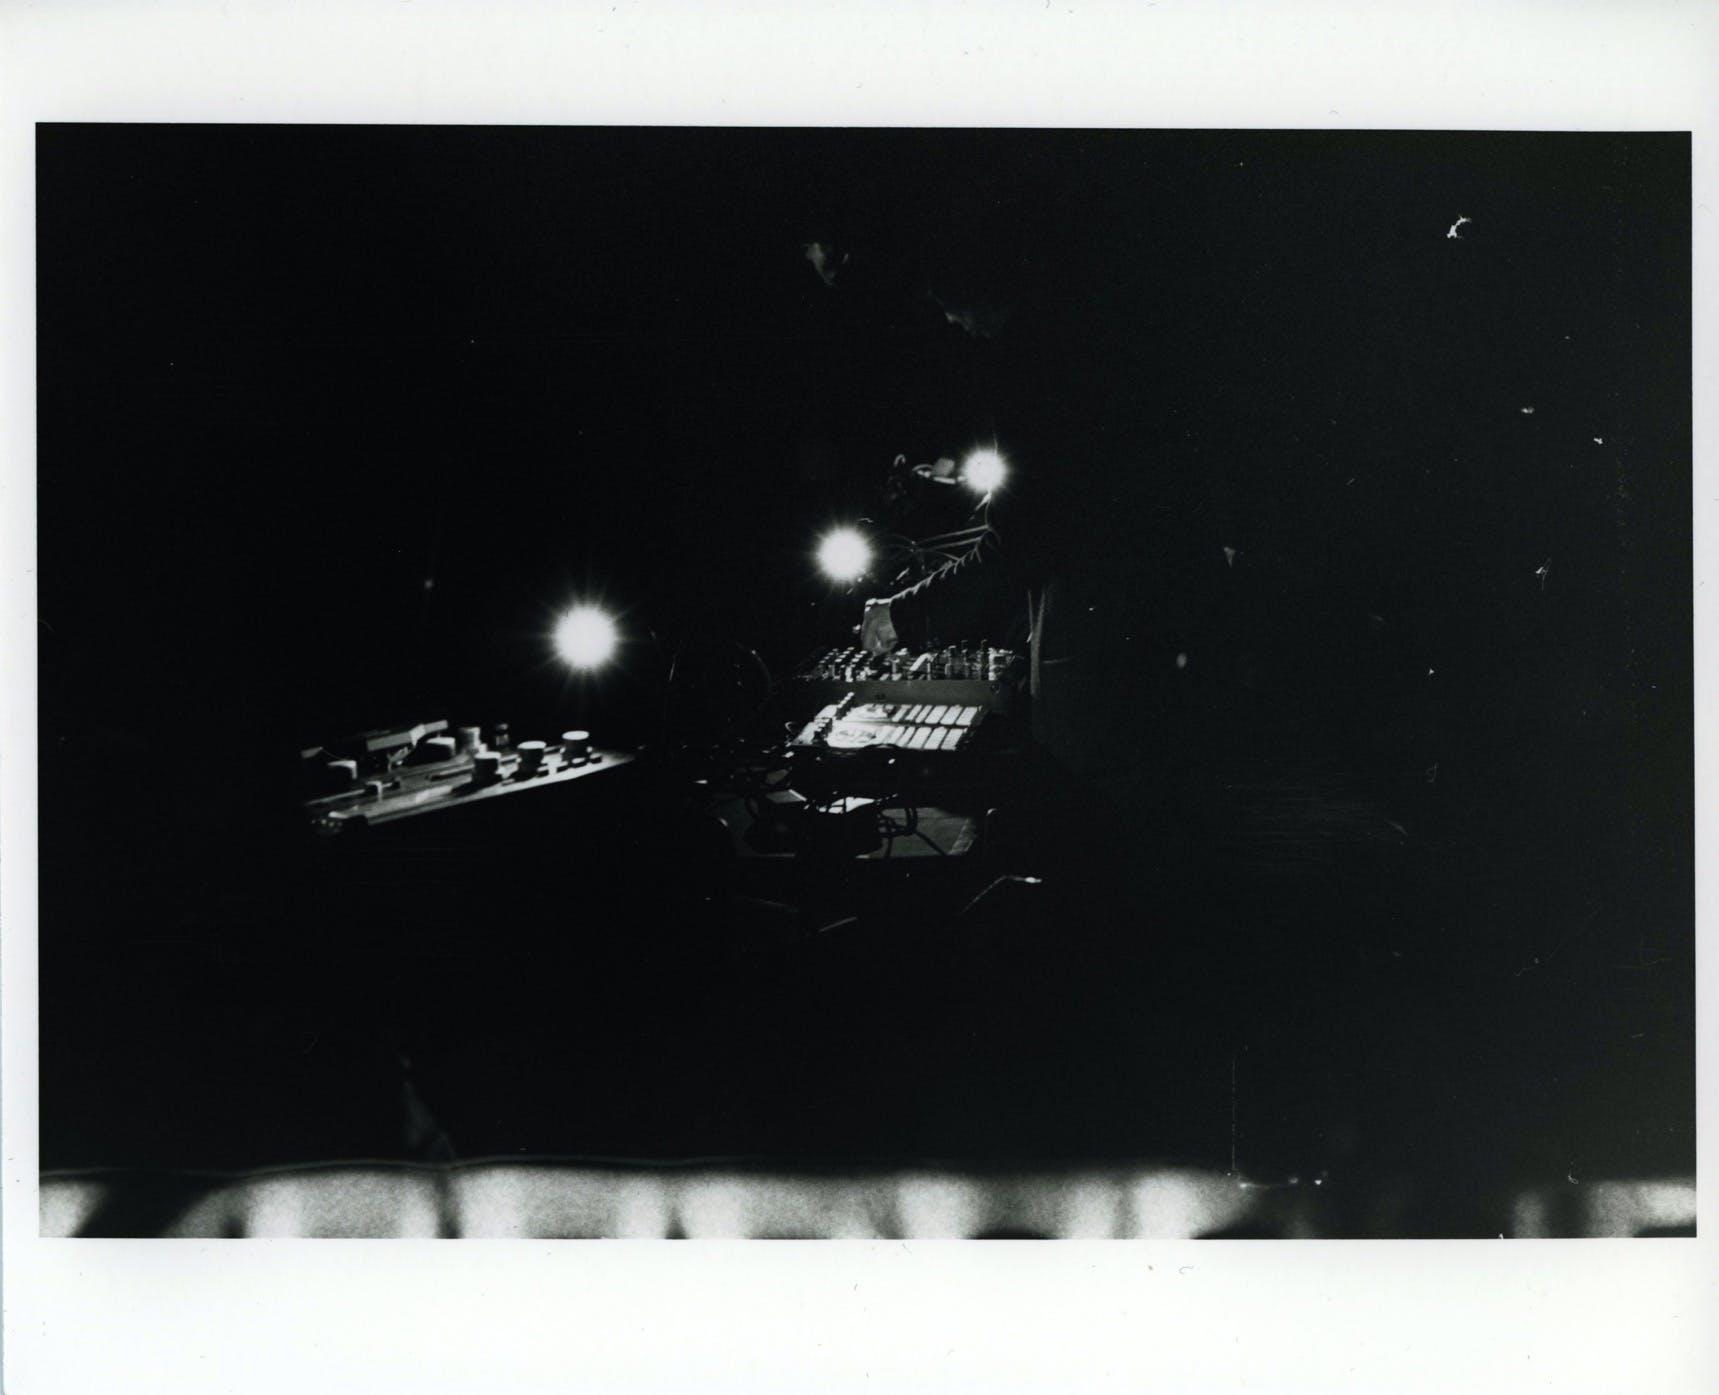 本商品(Ed. 1/30)に含まれるゼラチン・シルバー・プリントのイメージはこちらです。